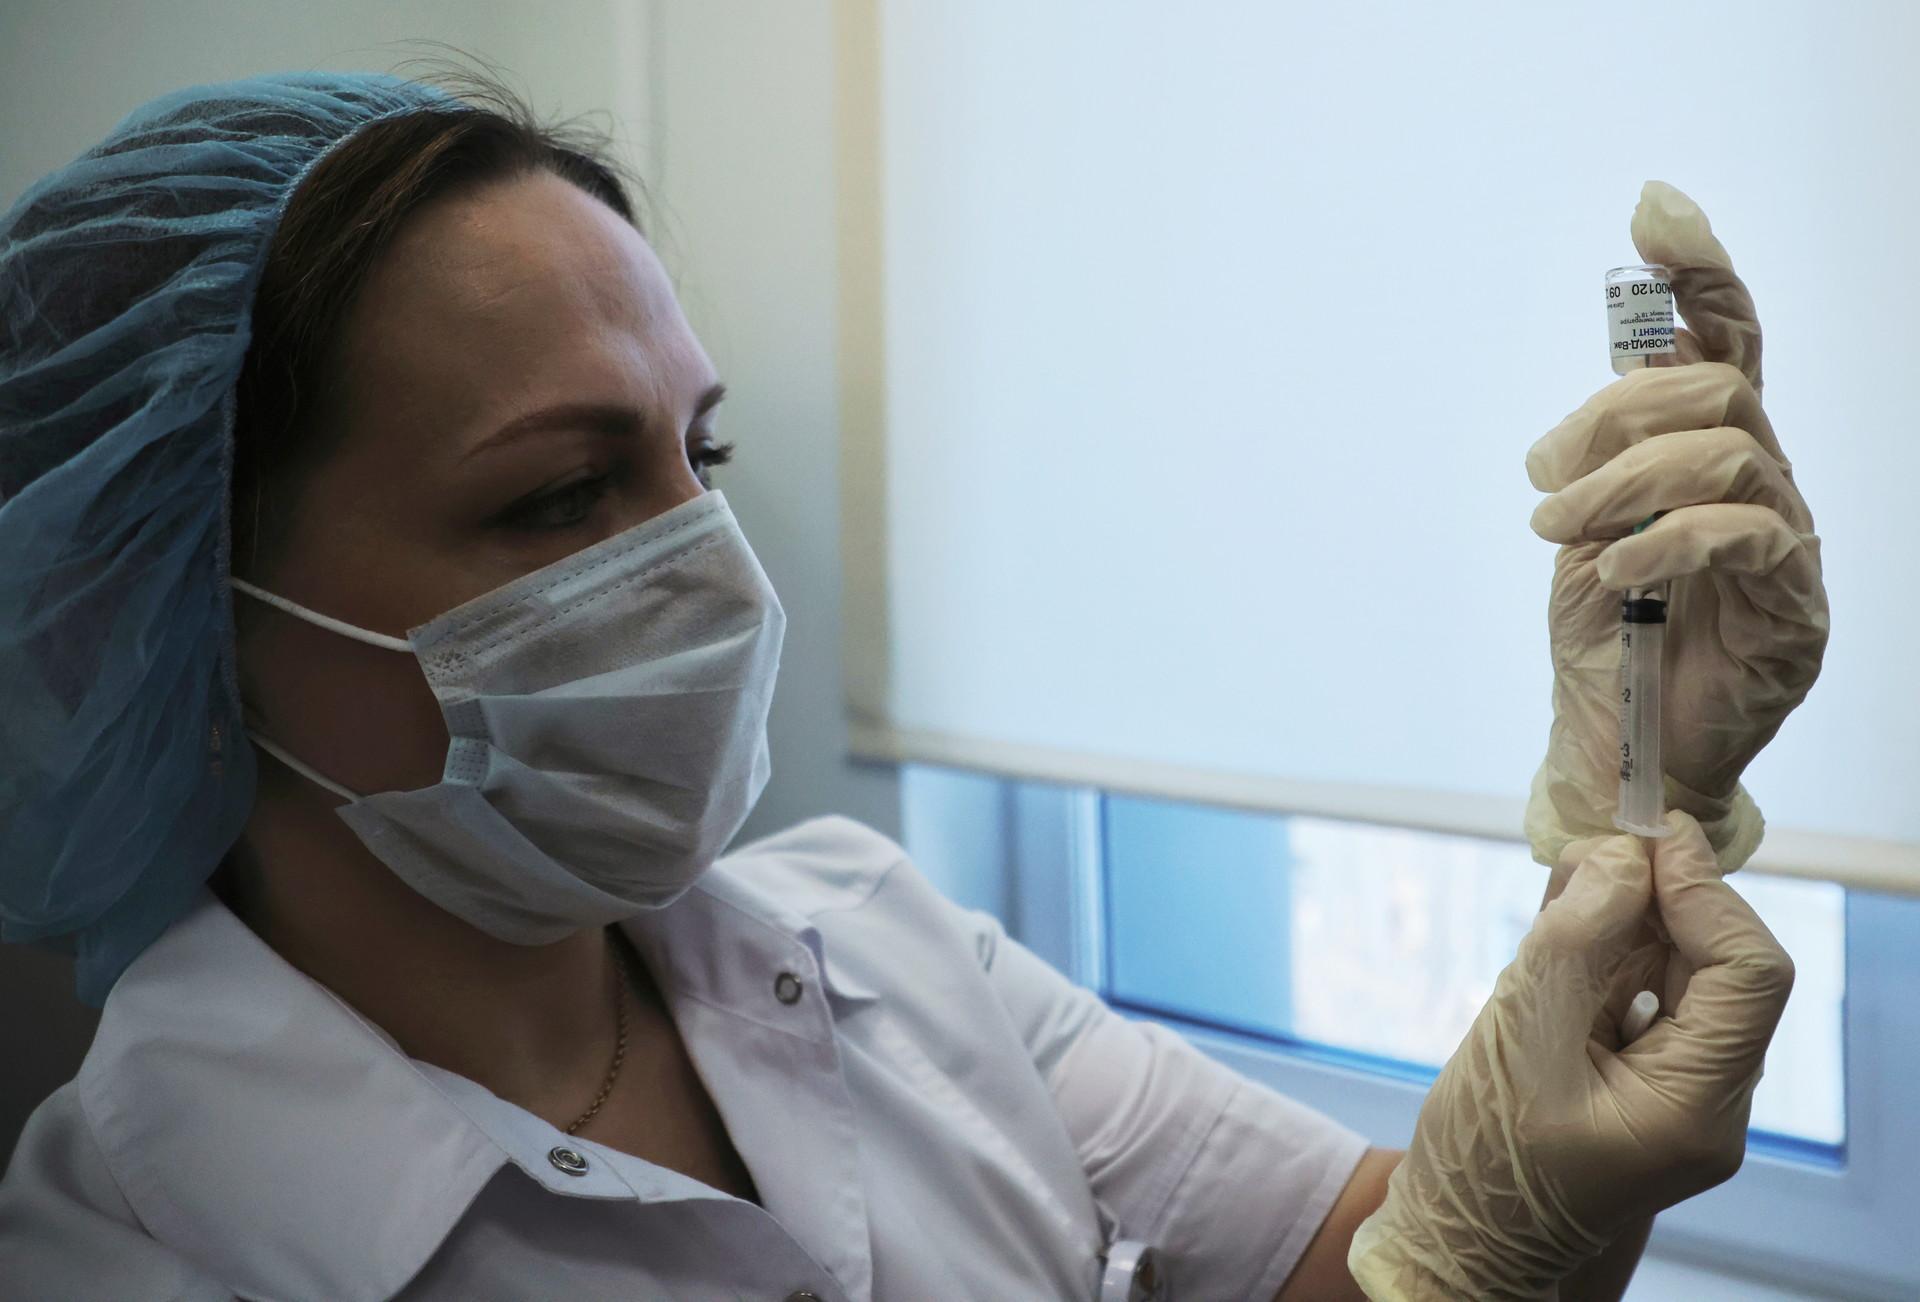 Le prime dosi del vaccino Sputnik V somministrate in una clinica di Mosca